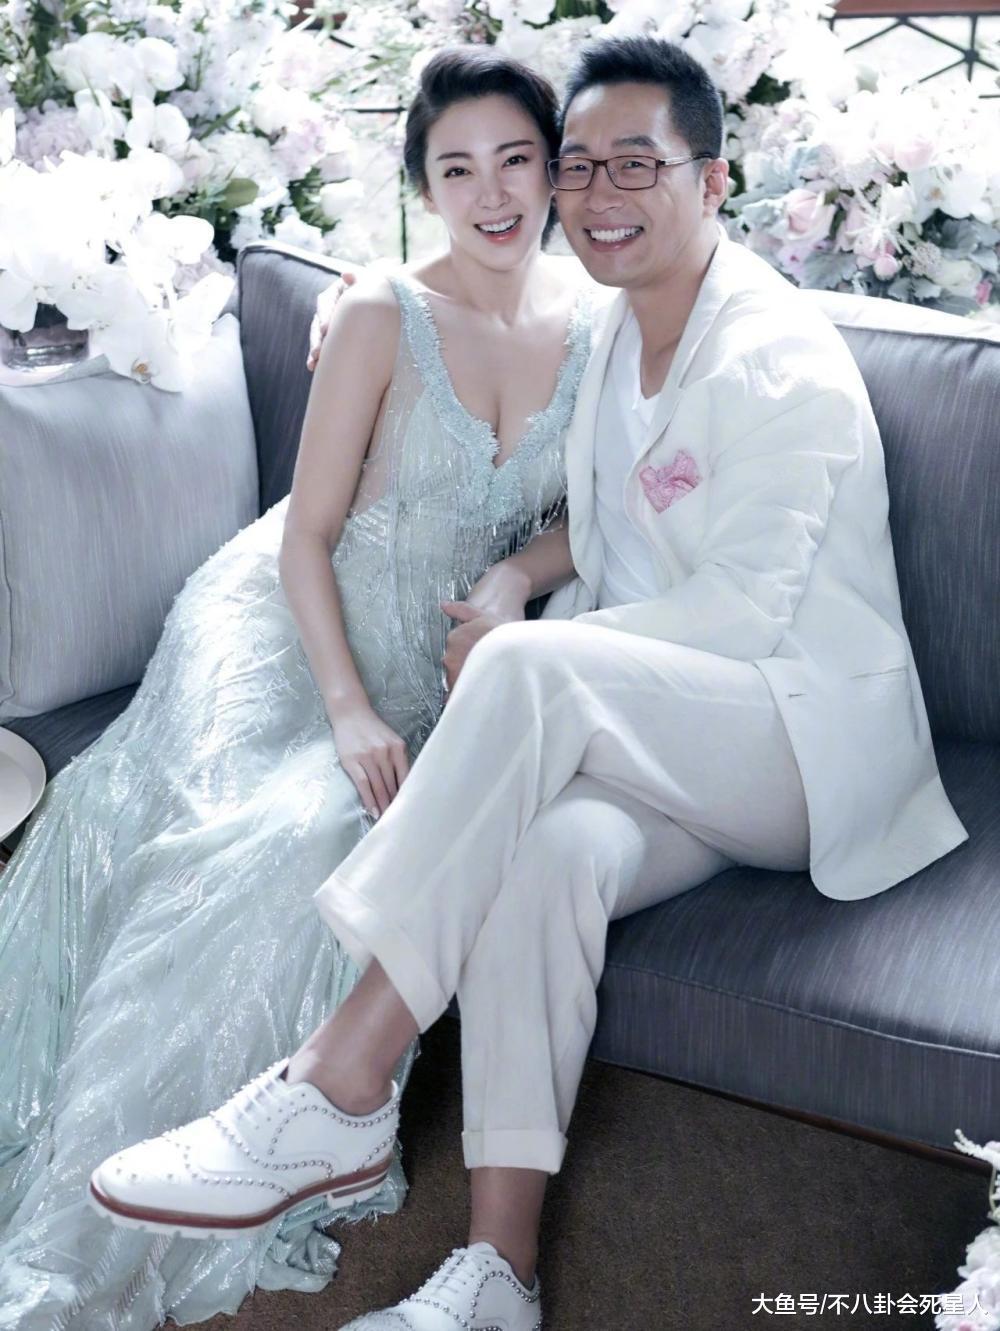 神巧合! 张雨绮、马蓉、王菲等竟是同天出身, 婚姻皆太失利!